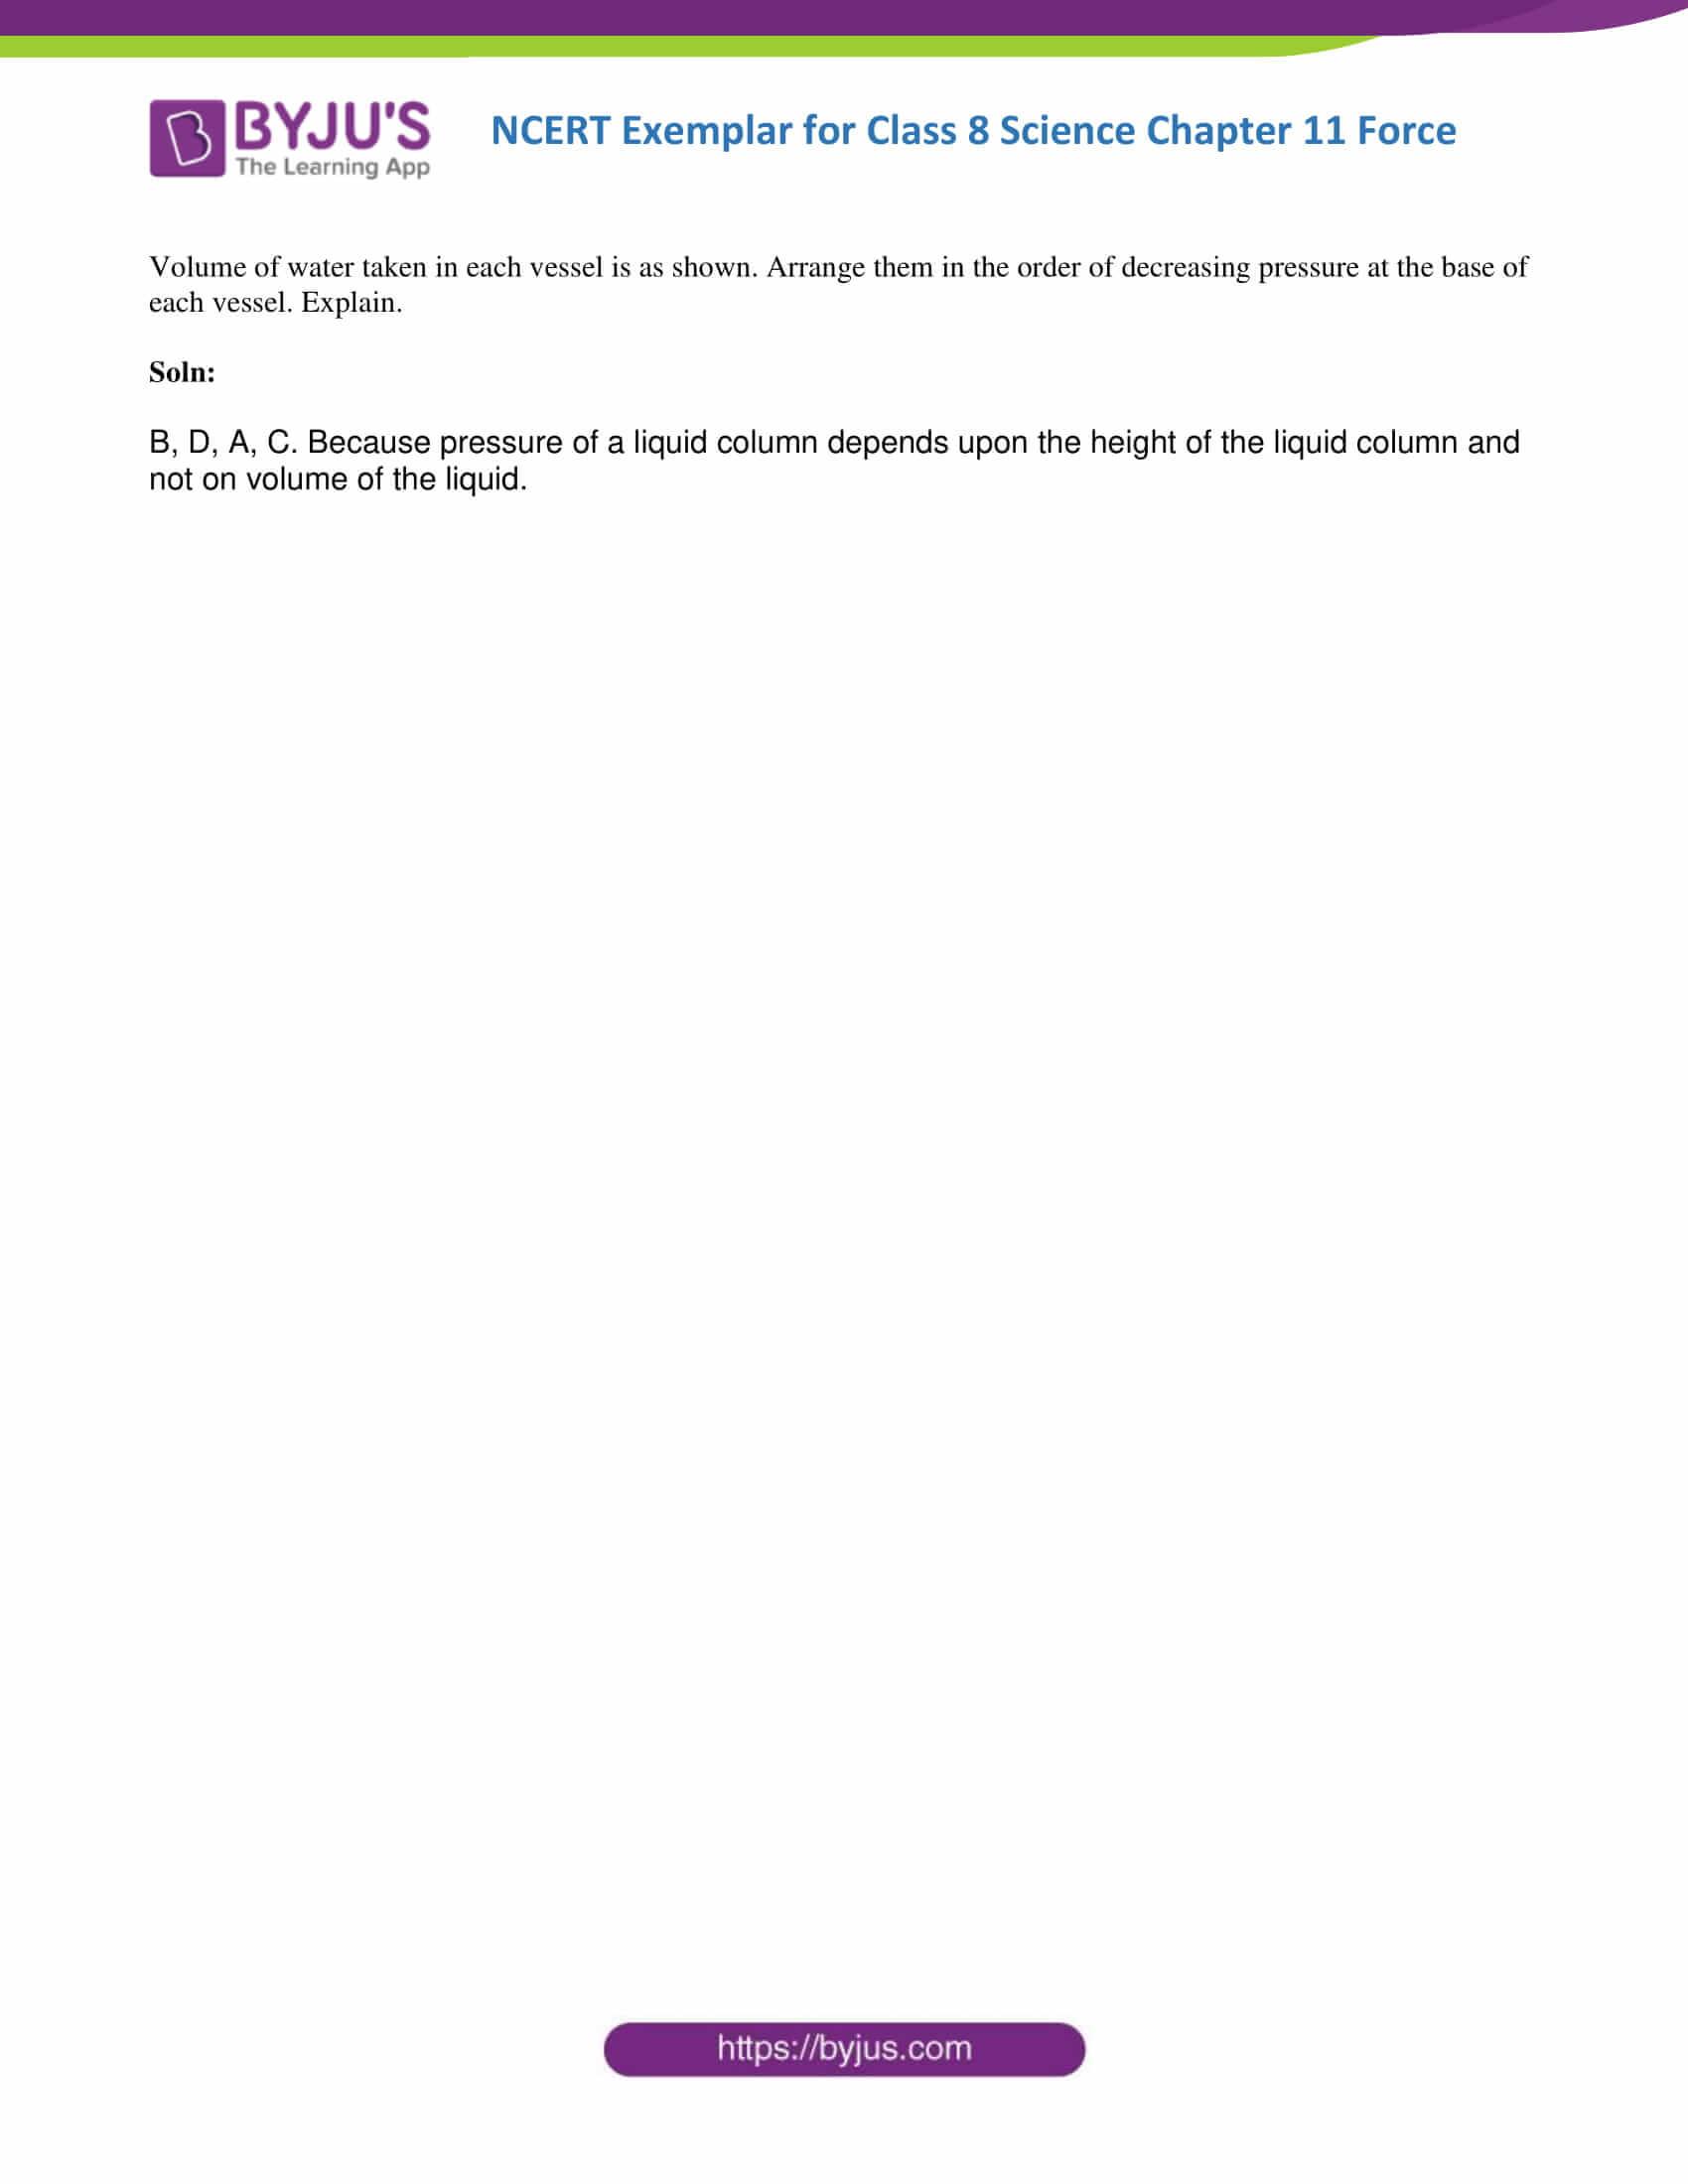 NCERT Exemplar solution class 8 Science Chapter 11 part 11